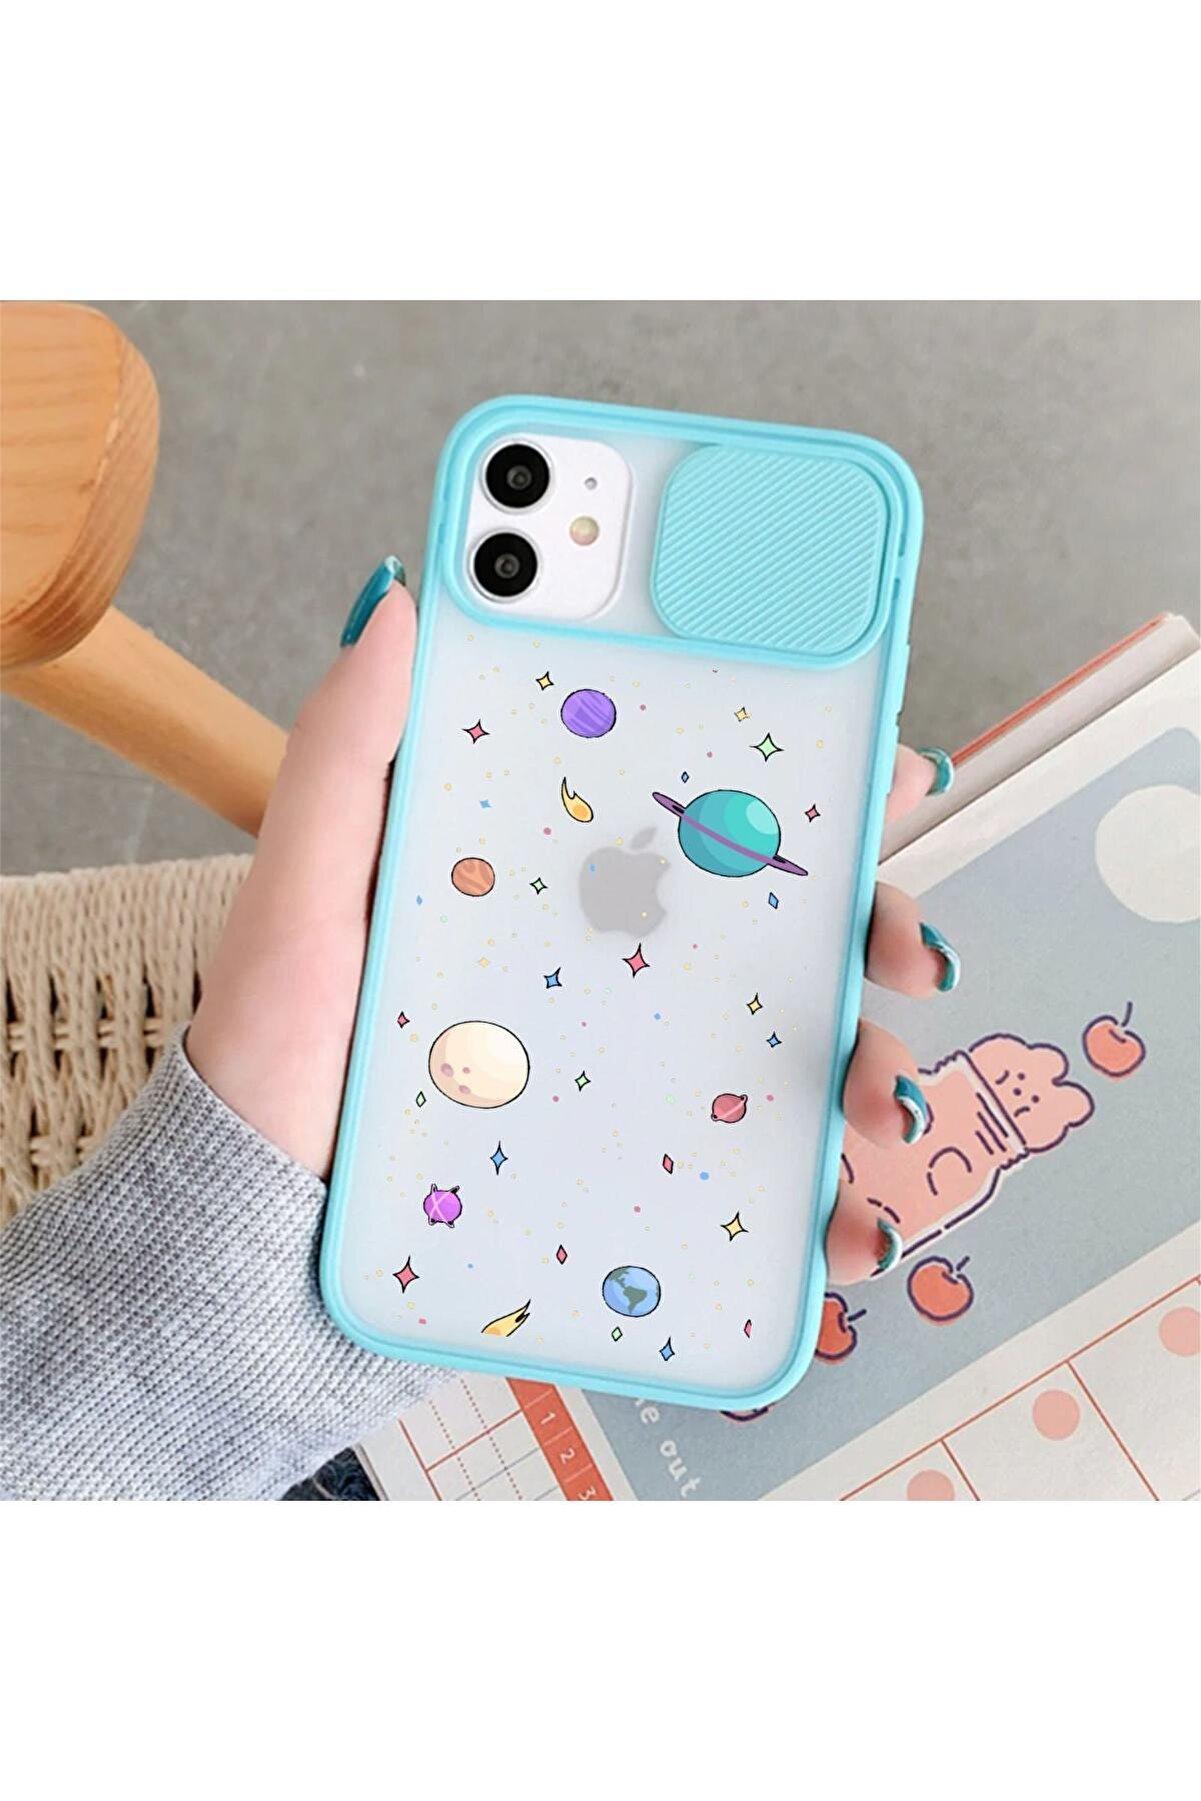 mooodcase Iphone 11 Gezegenler Desenli Kamera Korumalı Mint Telefon Kılıfı